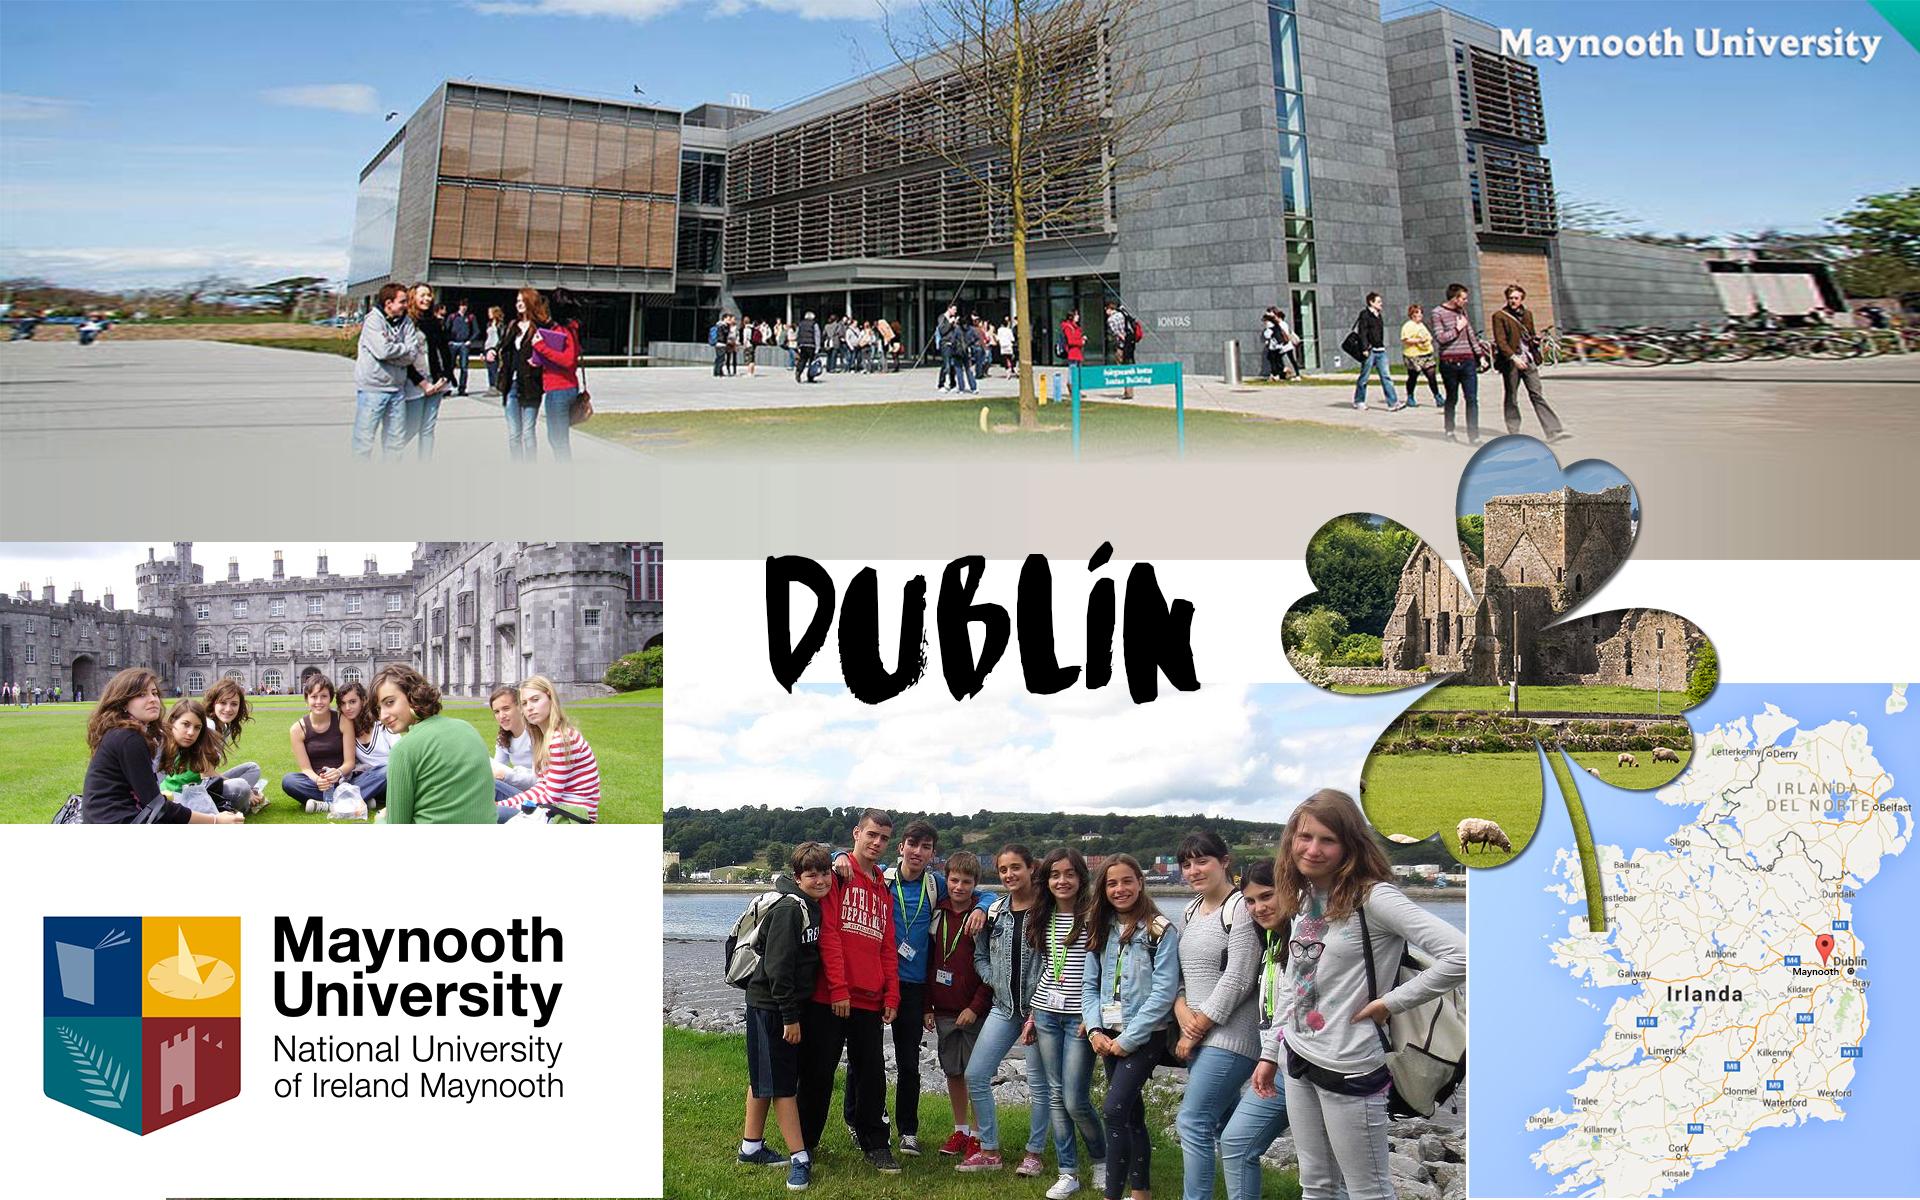 portada web Dublin 2017